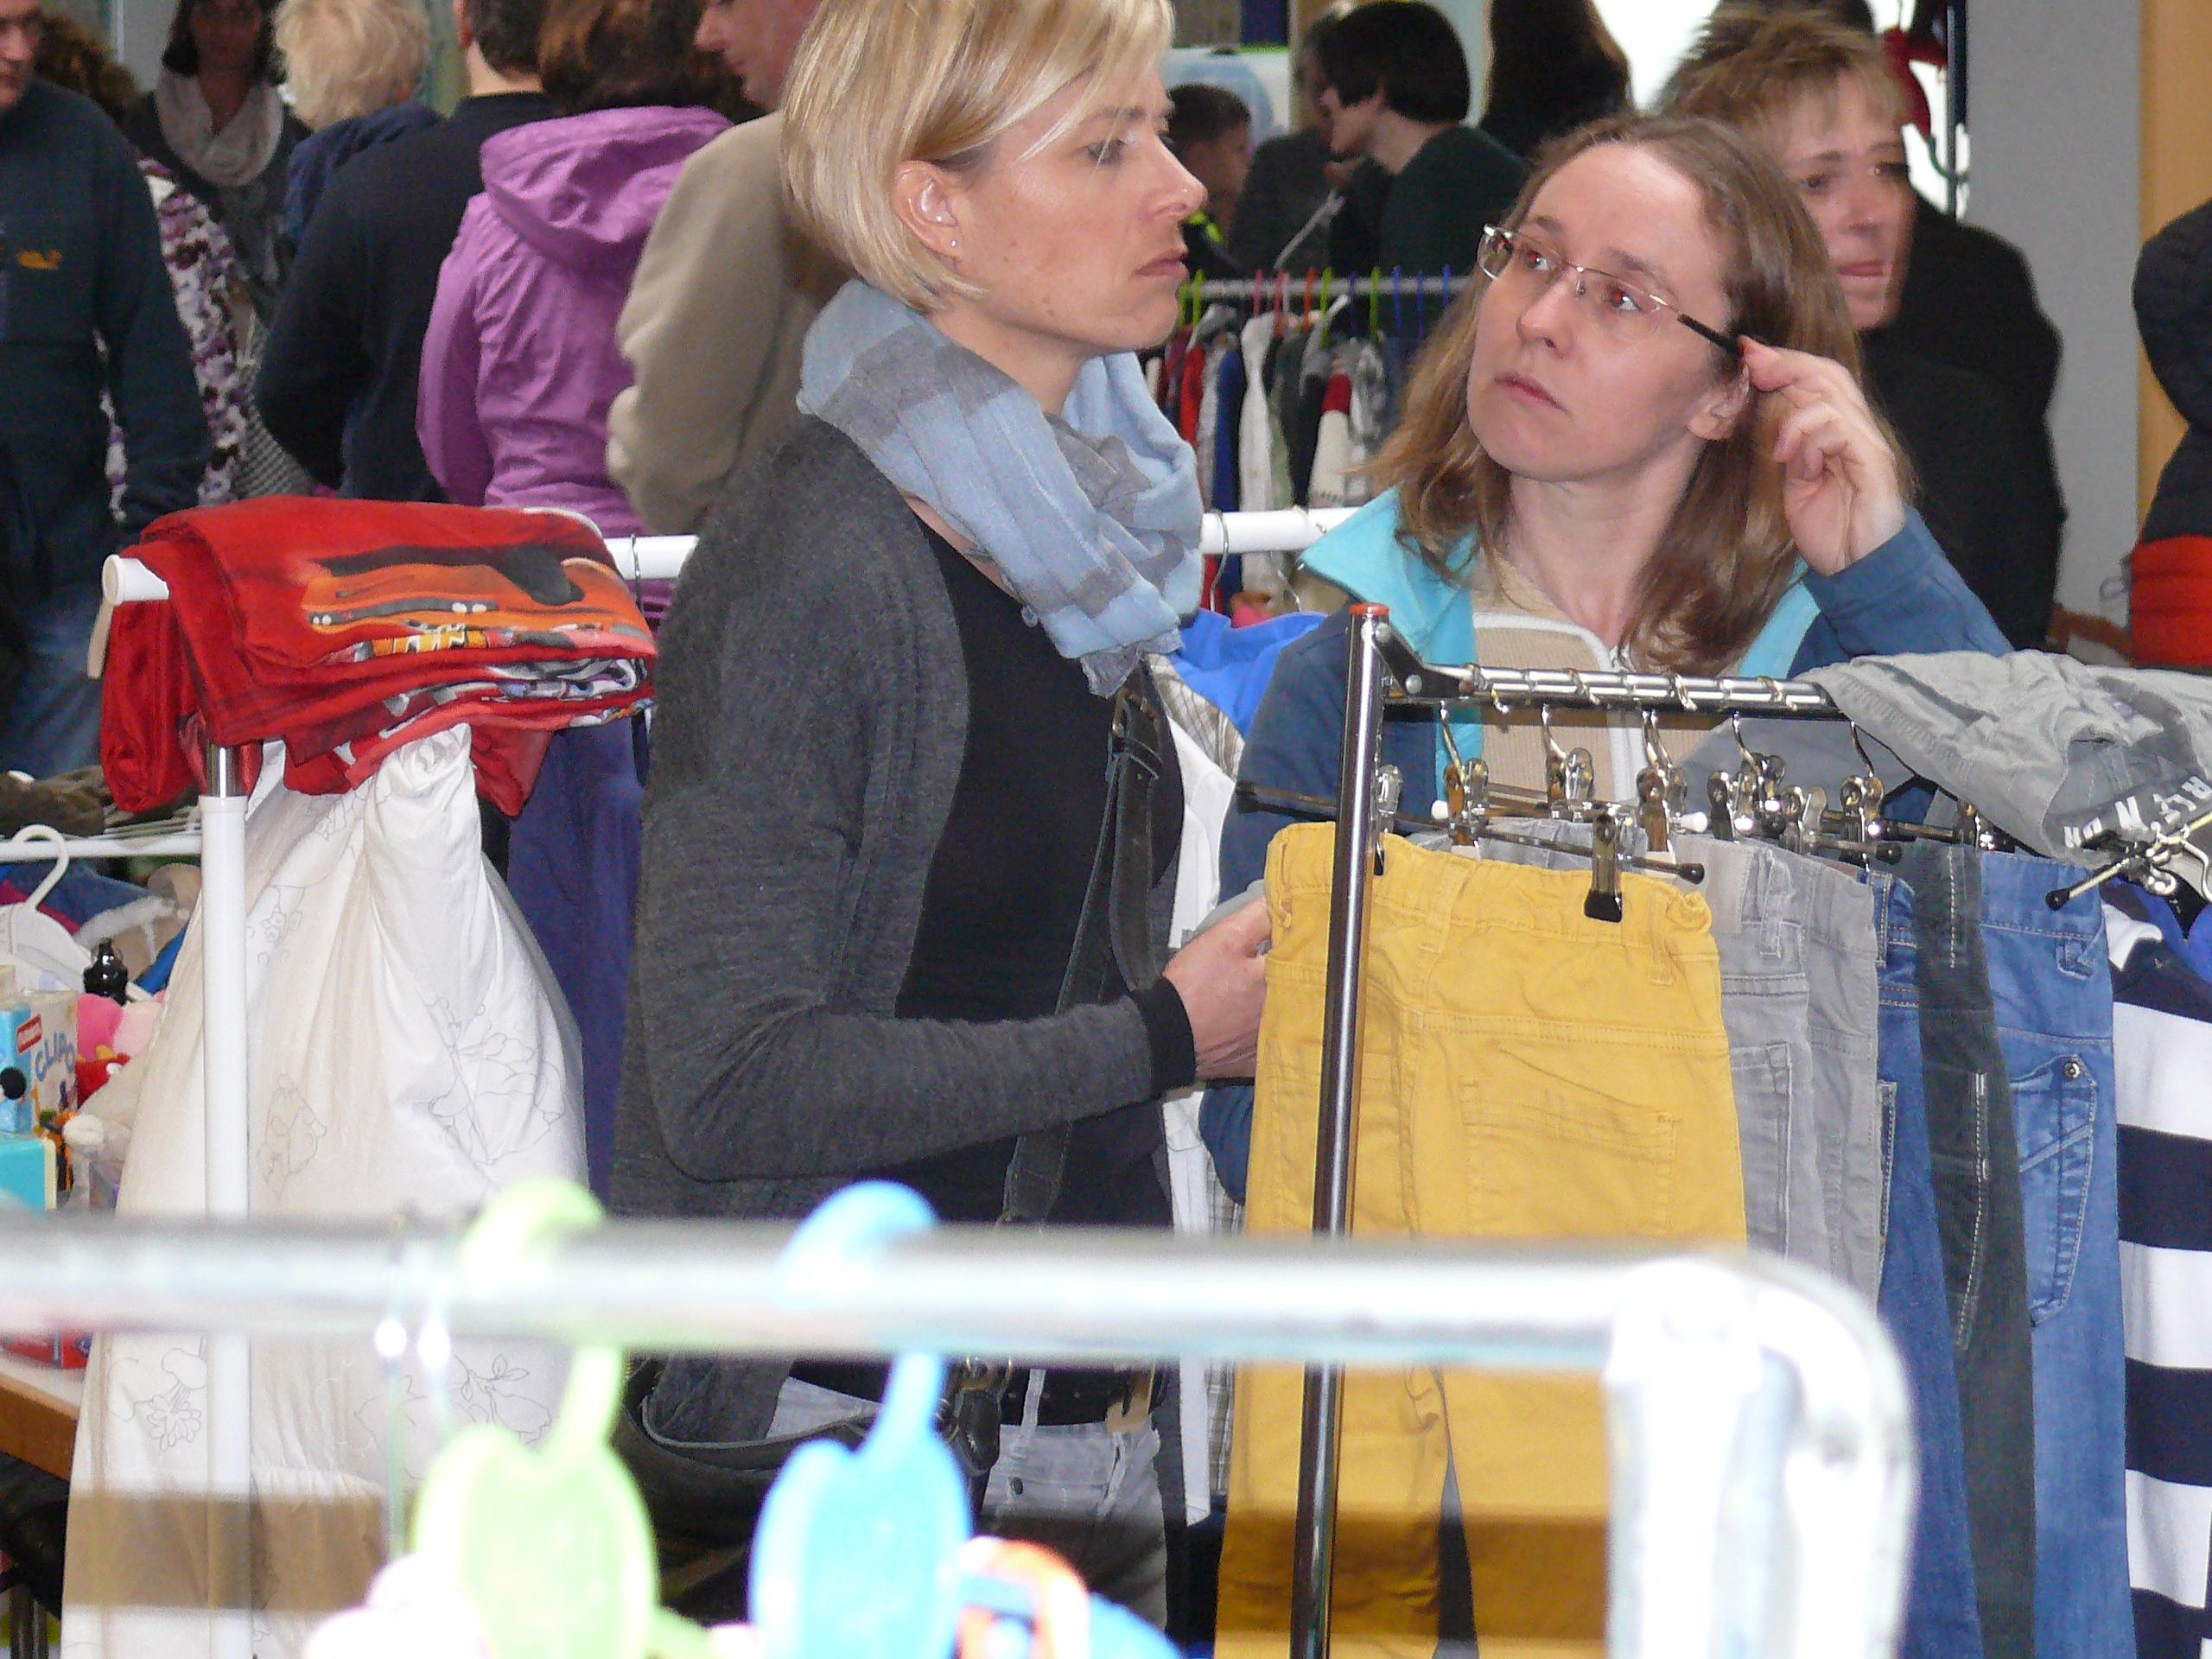 Flohmarkt an der Pestalozzischule - Bild aus dem Frühjahr.